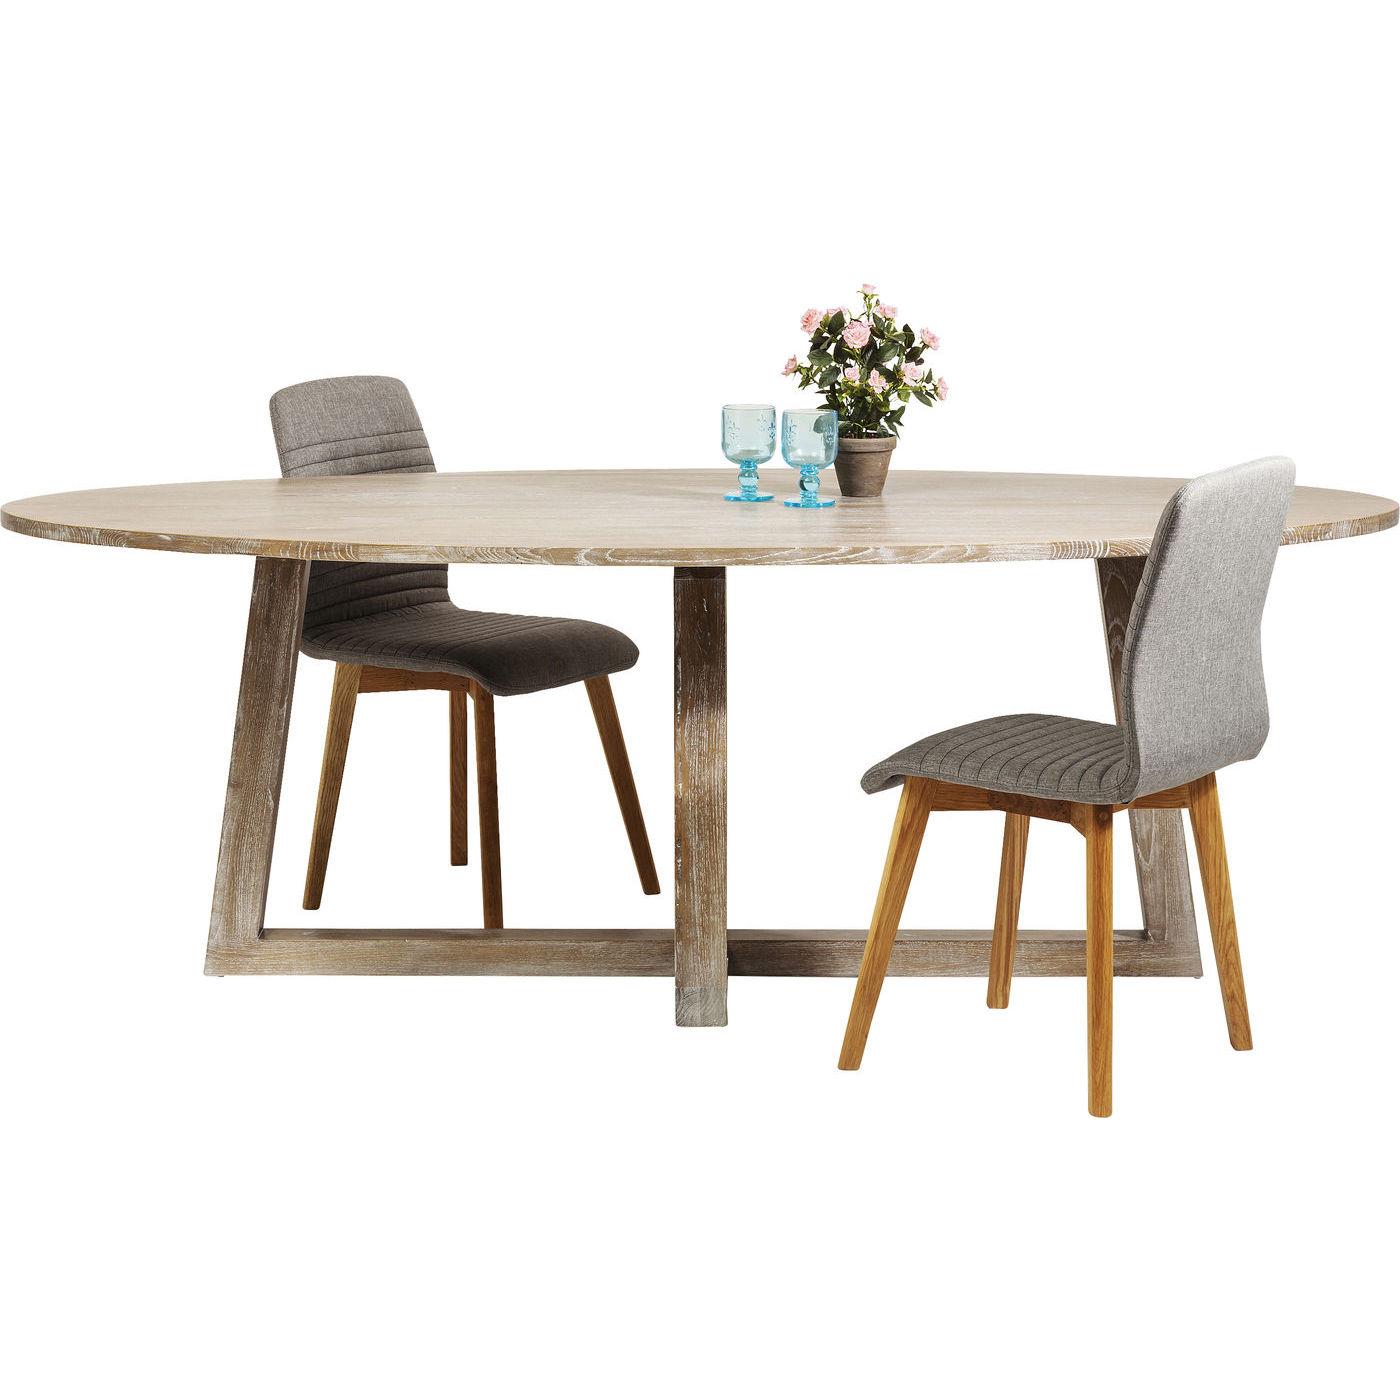 Esstisch k chentisch esszimmertisch holztisch union tisch for Tisch kare design